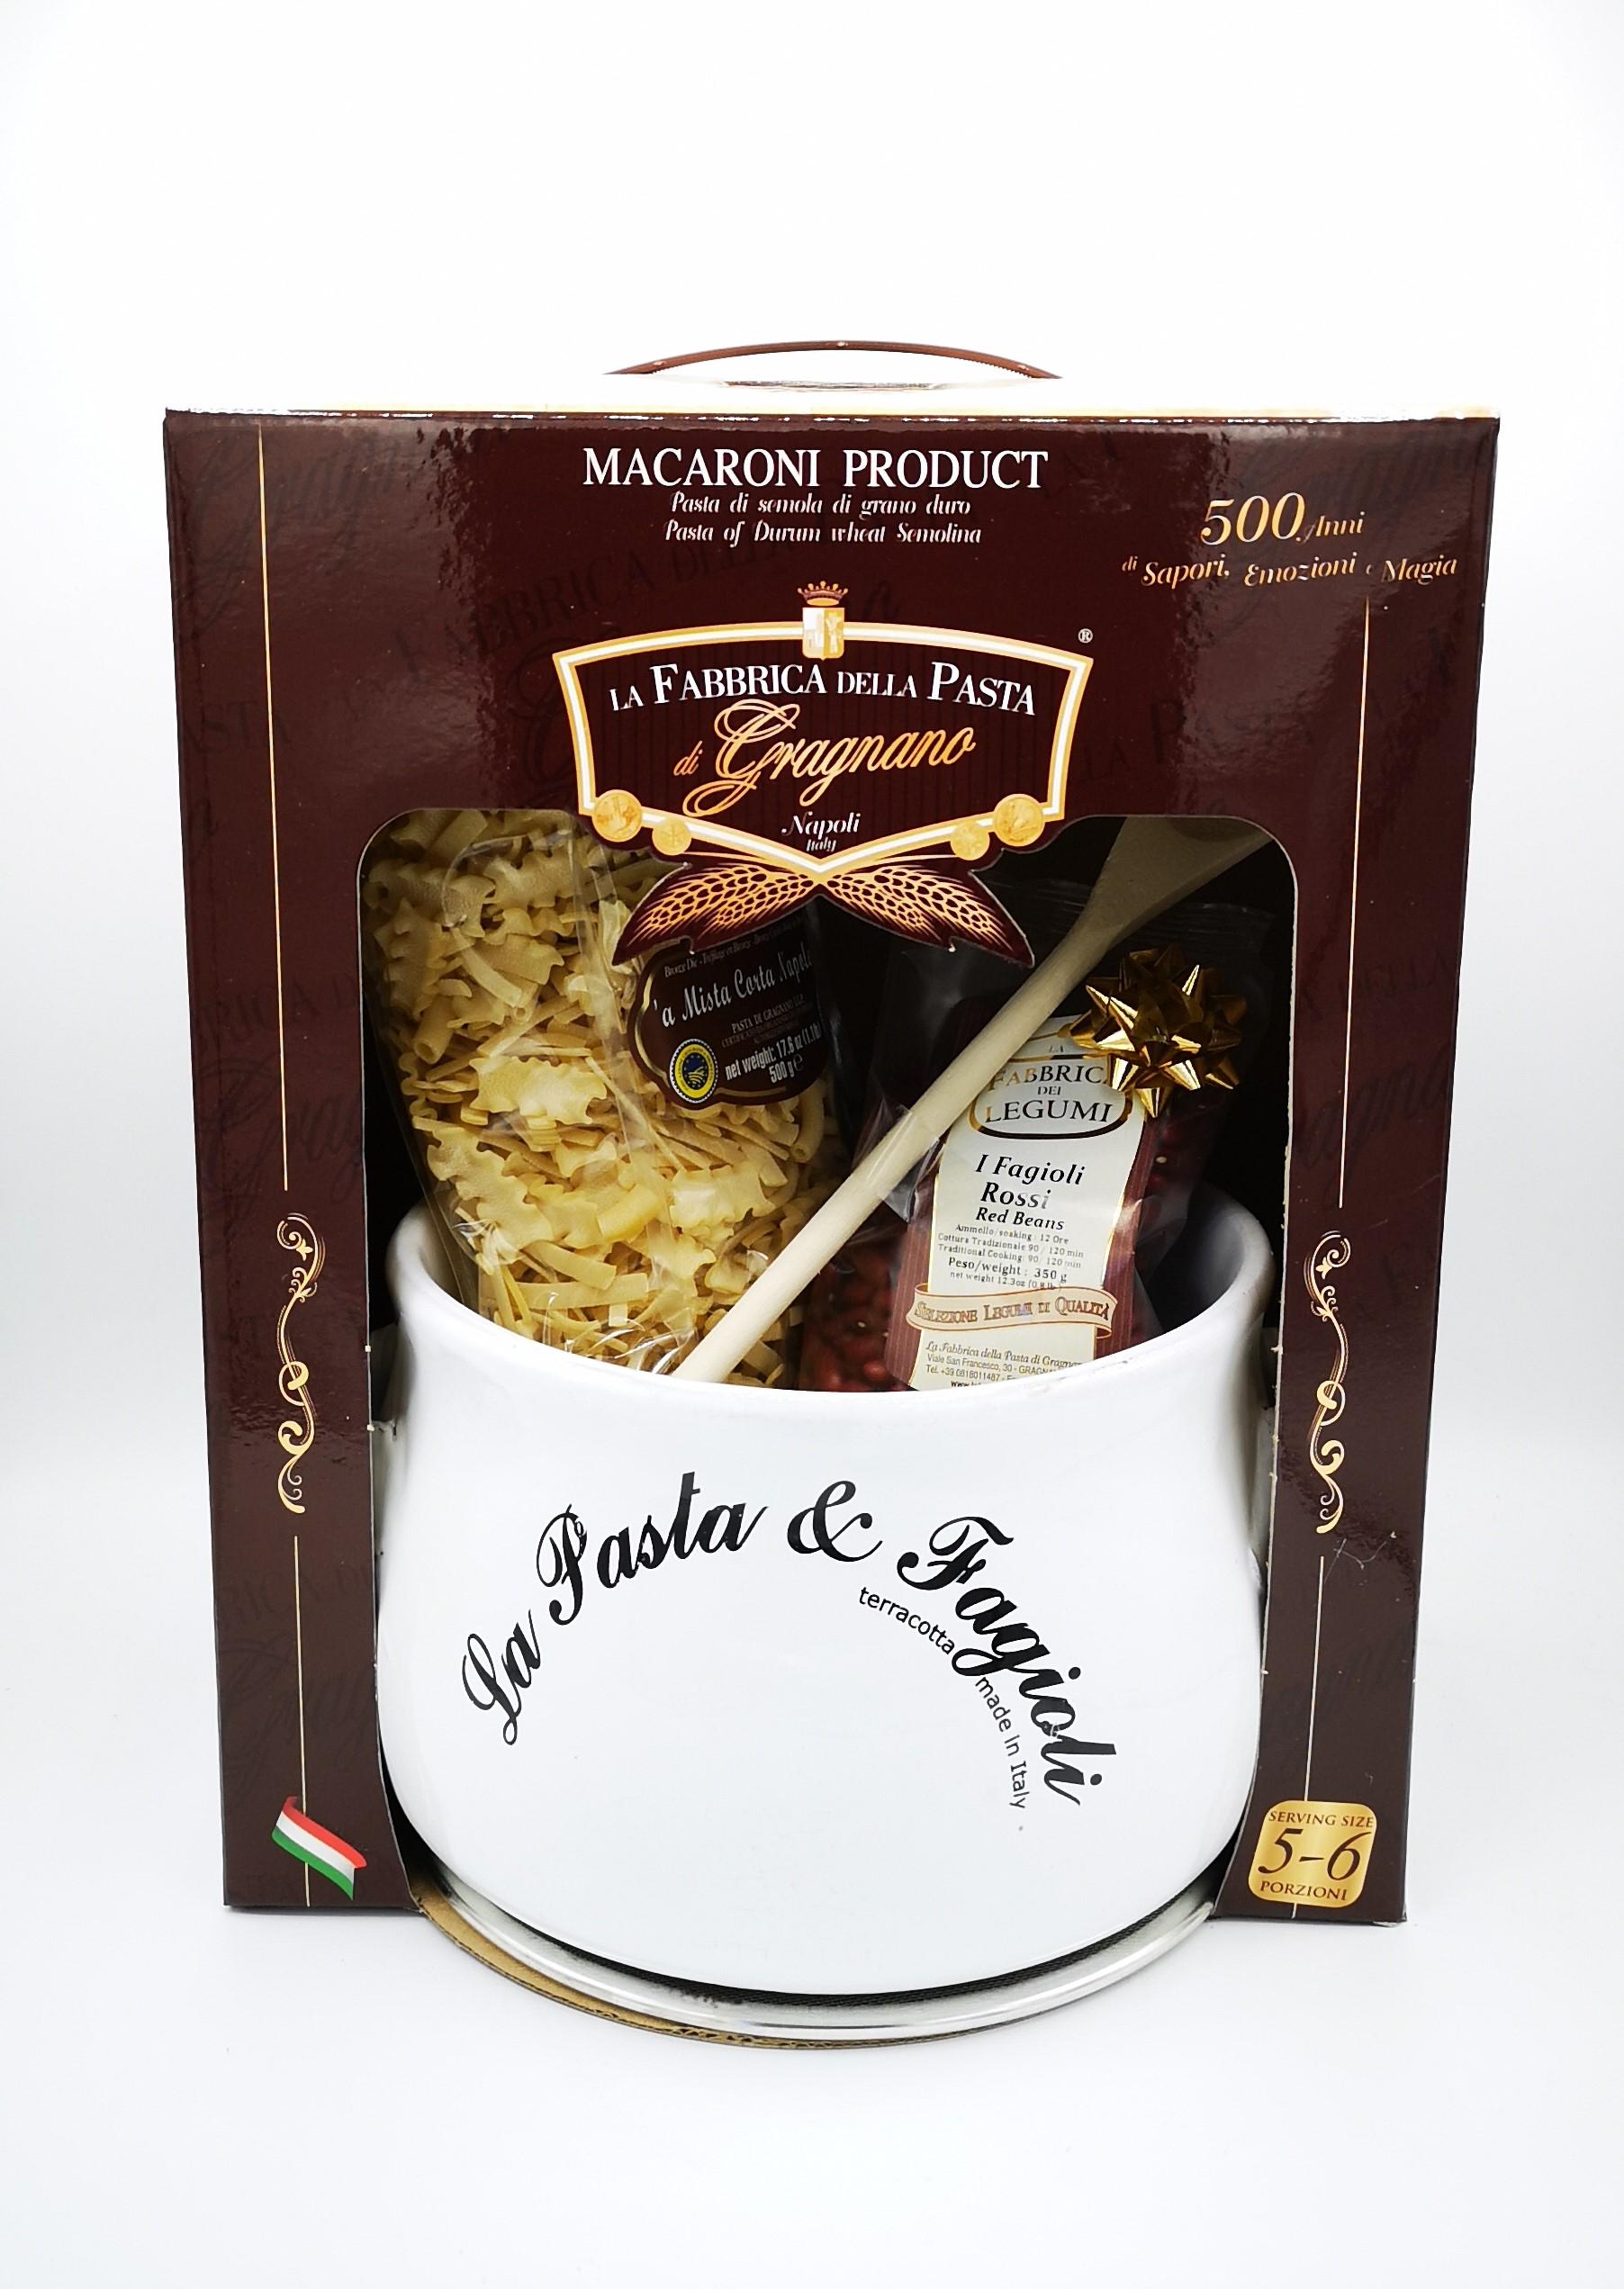 La Fabbrica Della Pasta Di Gragnano Pasta e Fagioli Bianco